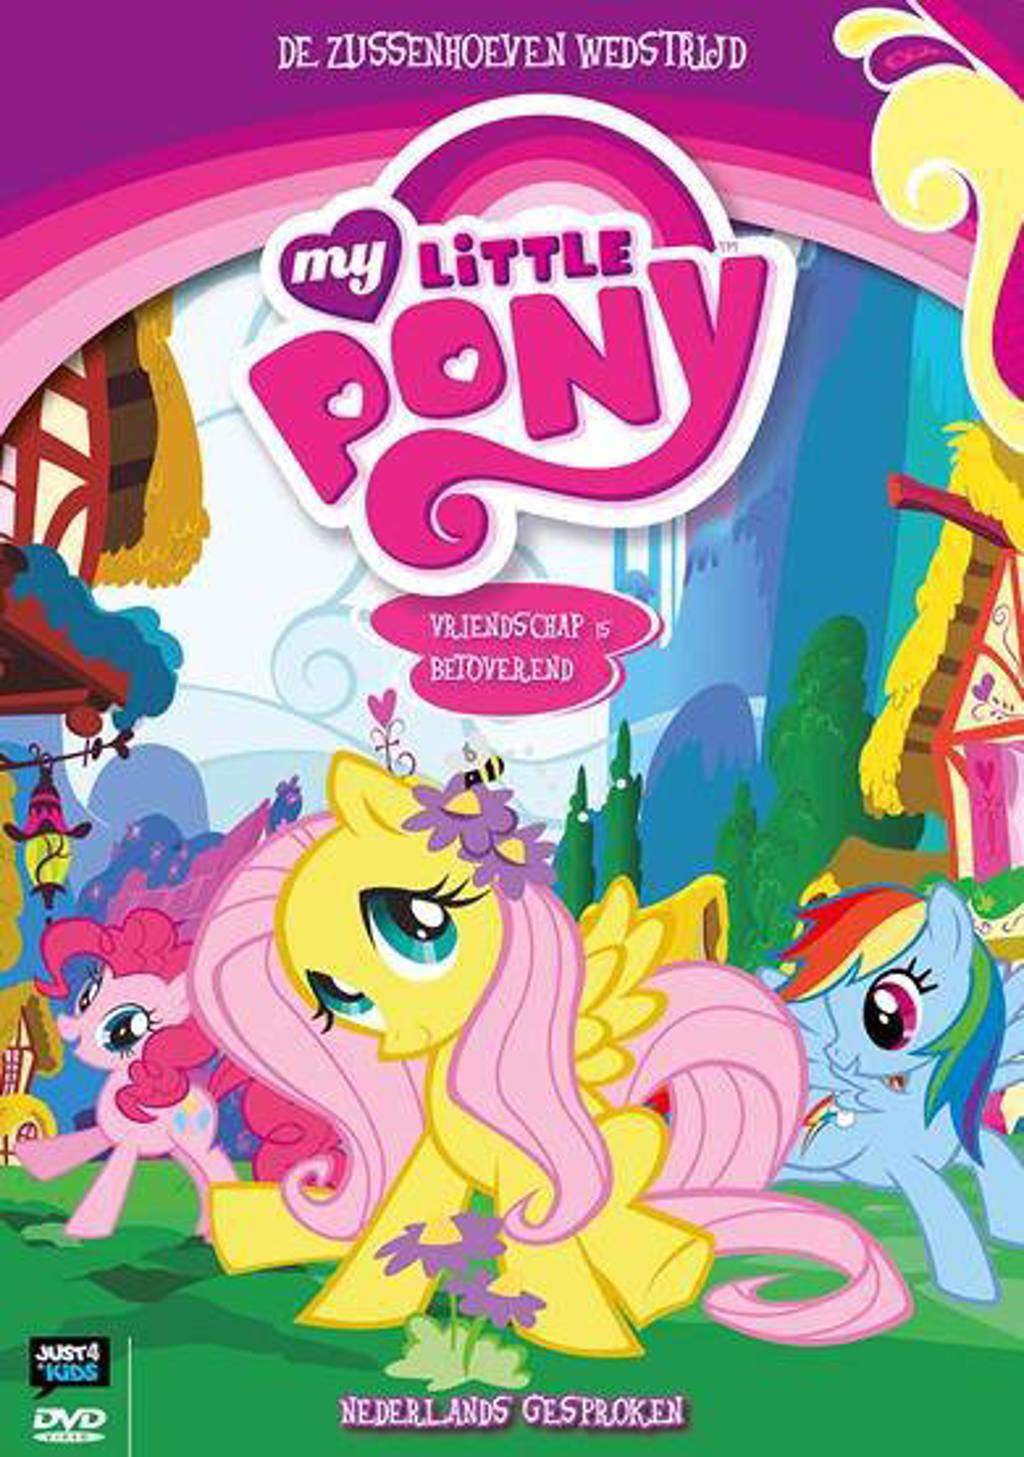 My little pony - De zussenhoeven wedstrijd (DVD)